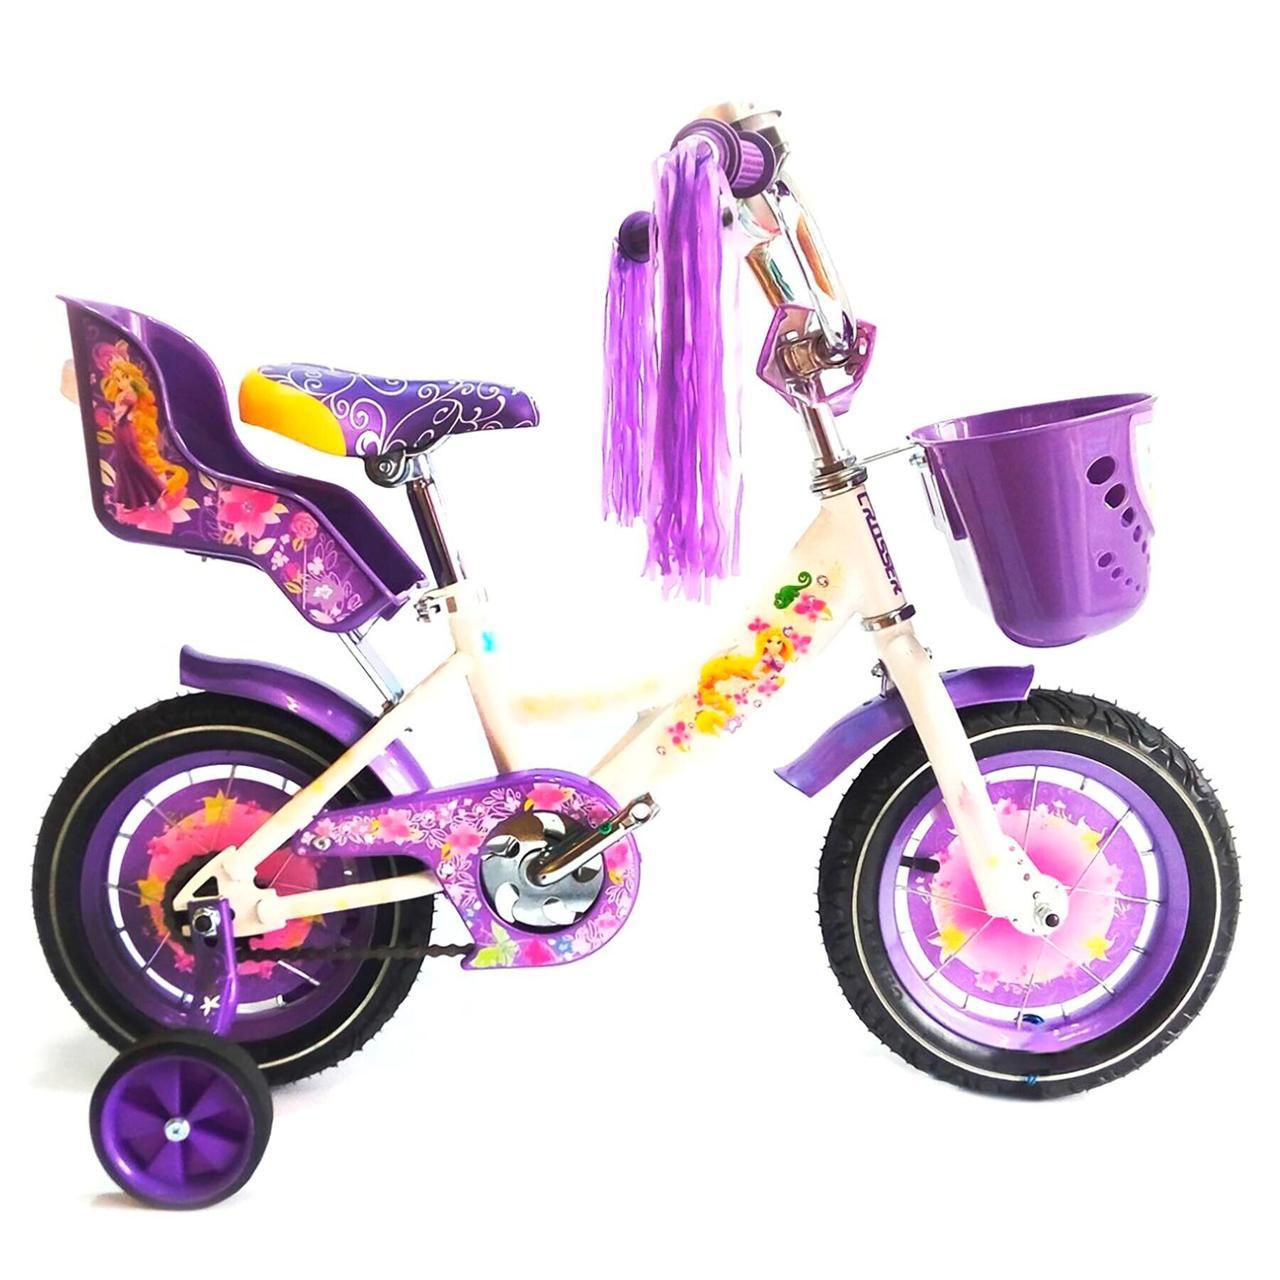 Детский велосипед Azimut Girls 14 дюймов фиолетовый